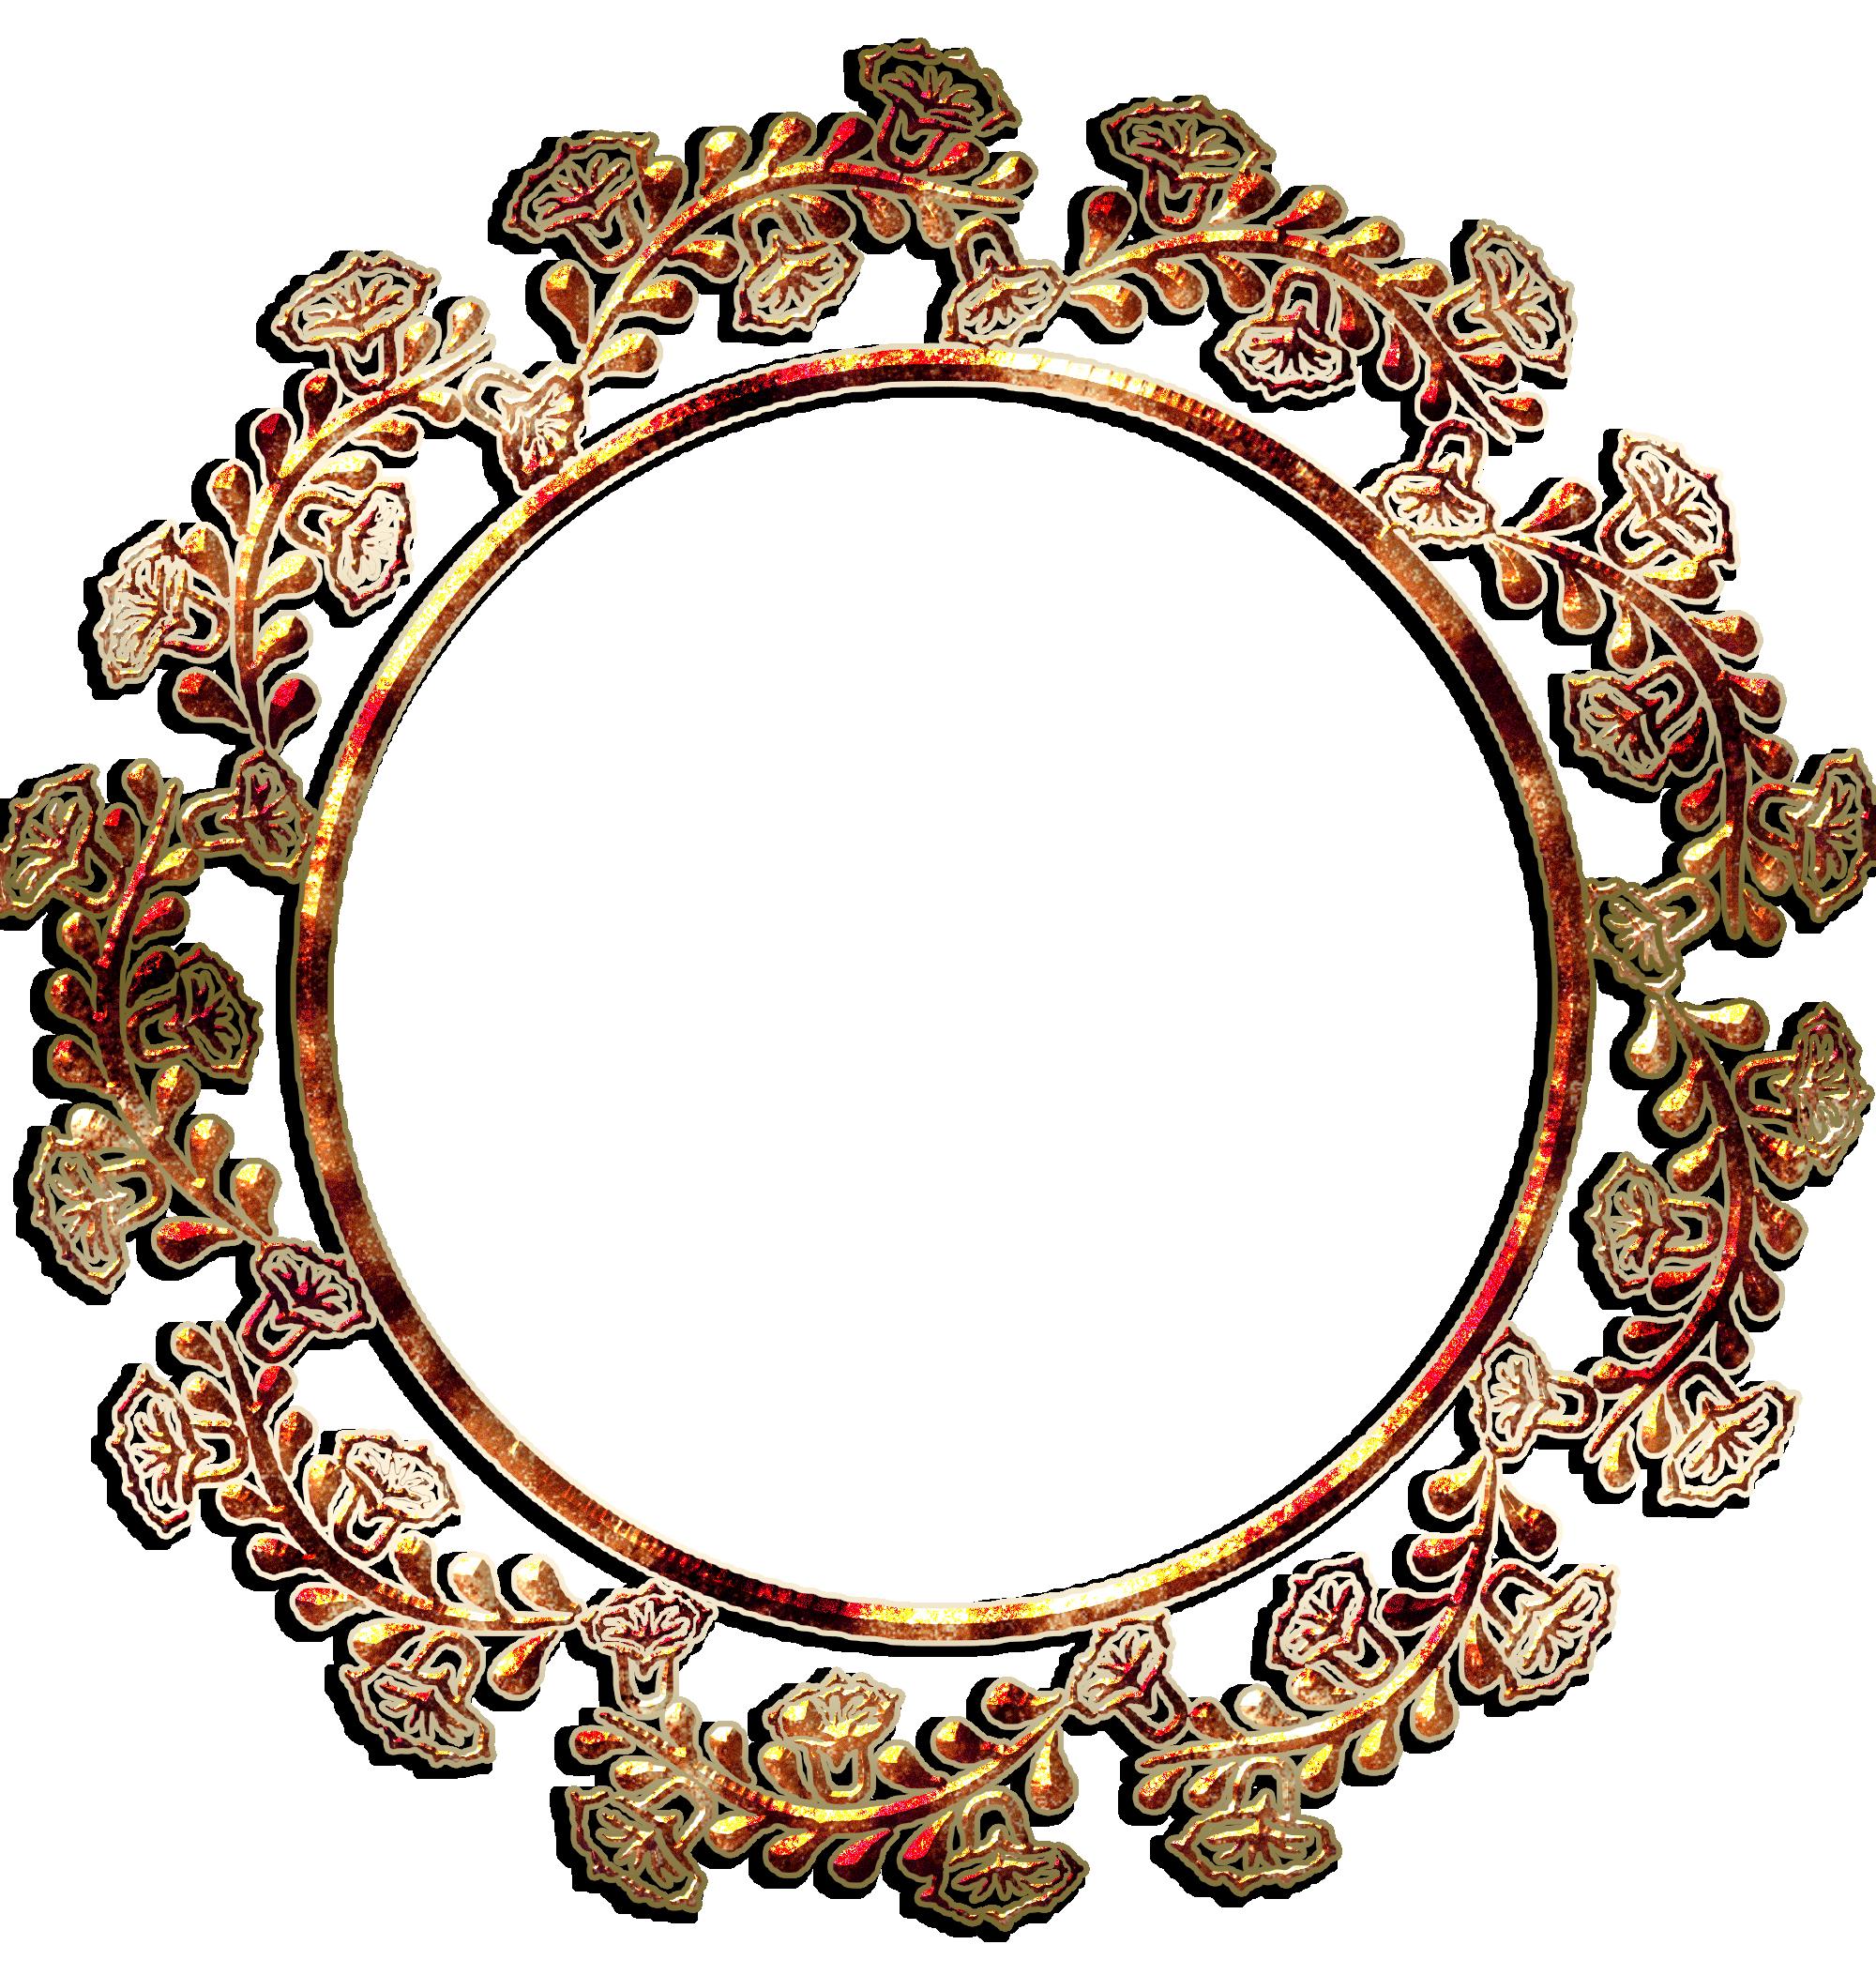 ... Round Border Vector Frame By GautamDas1992